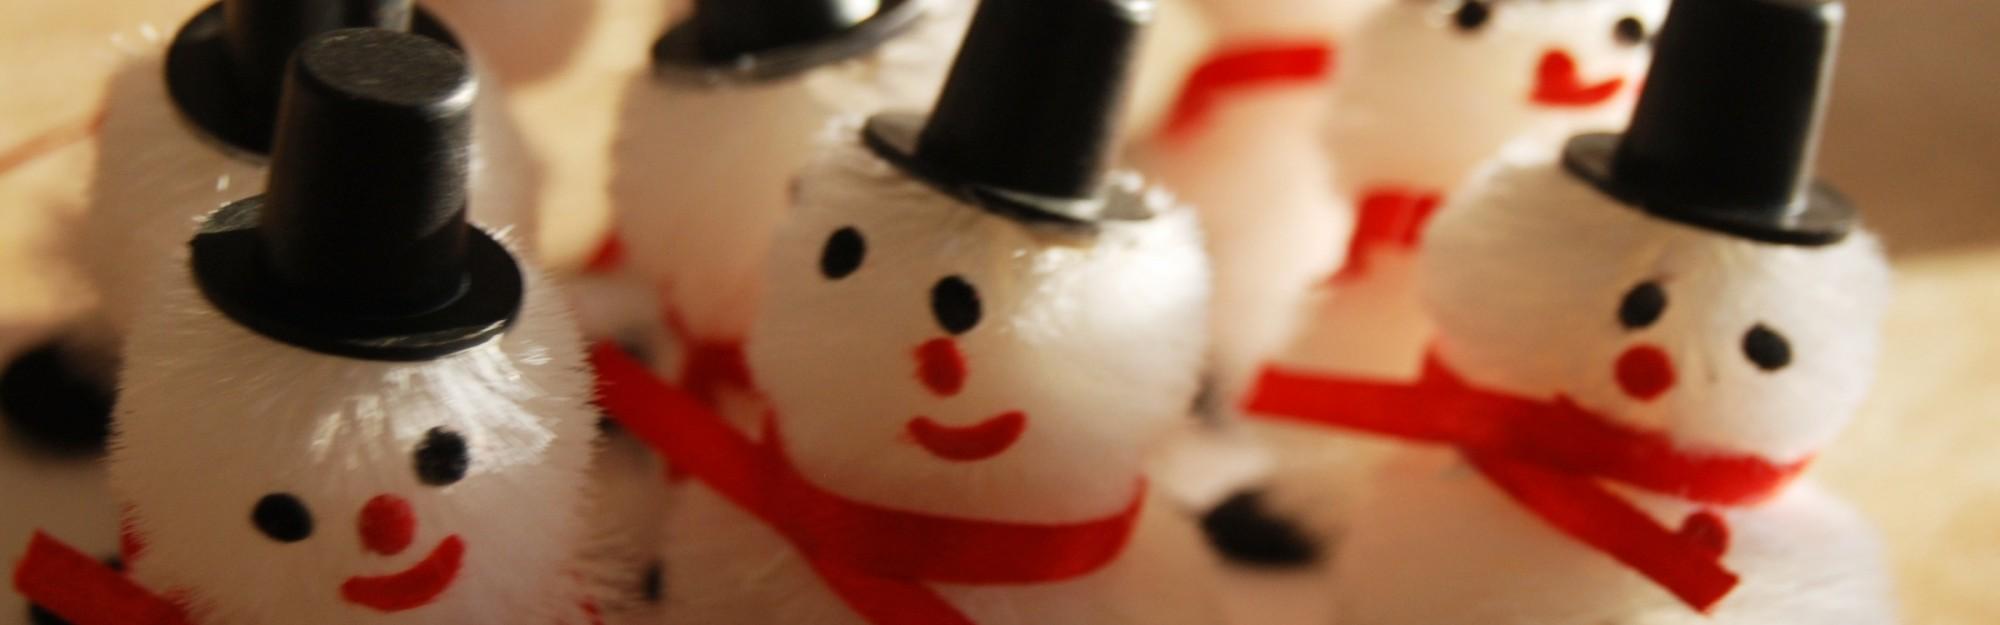 Wie bastel ich einen Schneemann-Adventskalender?